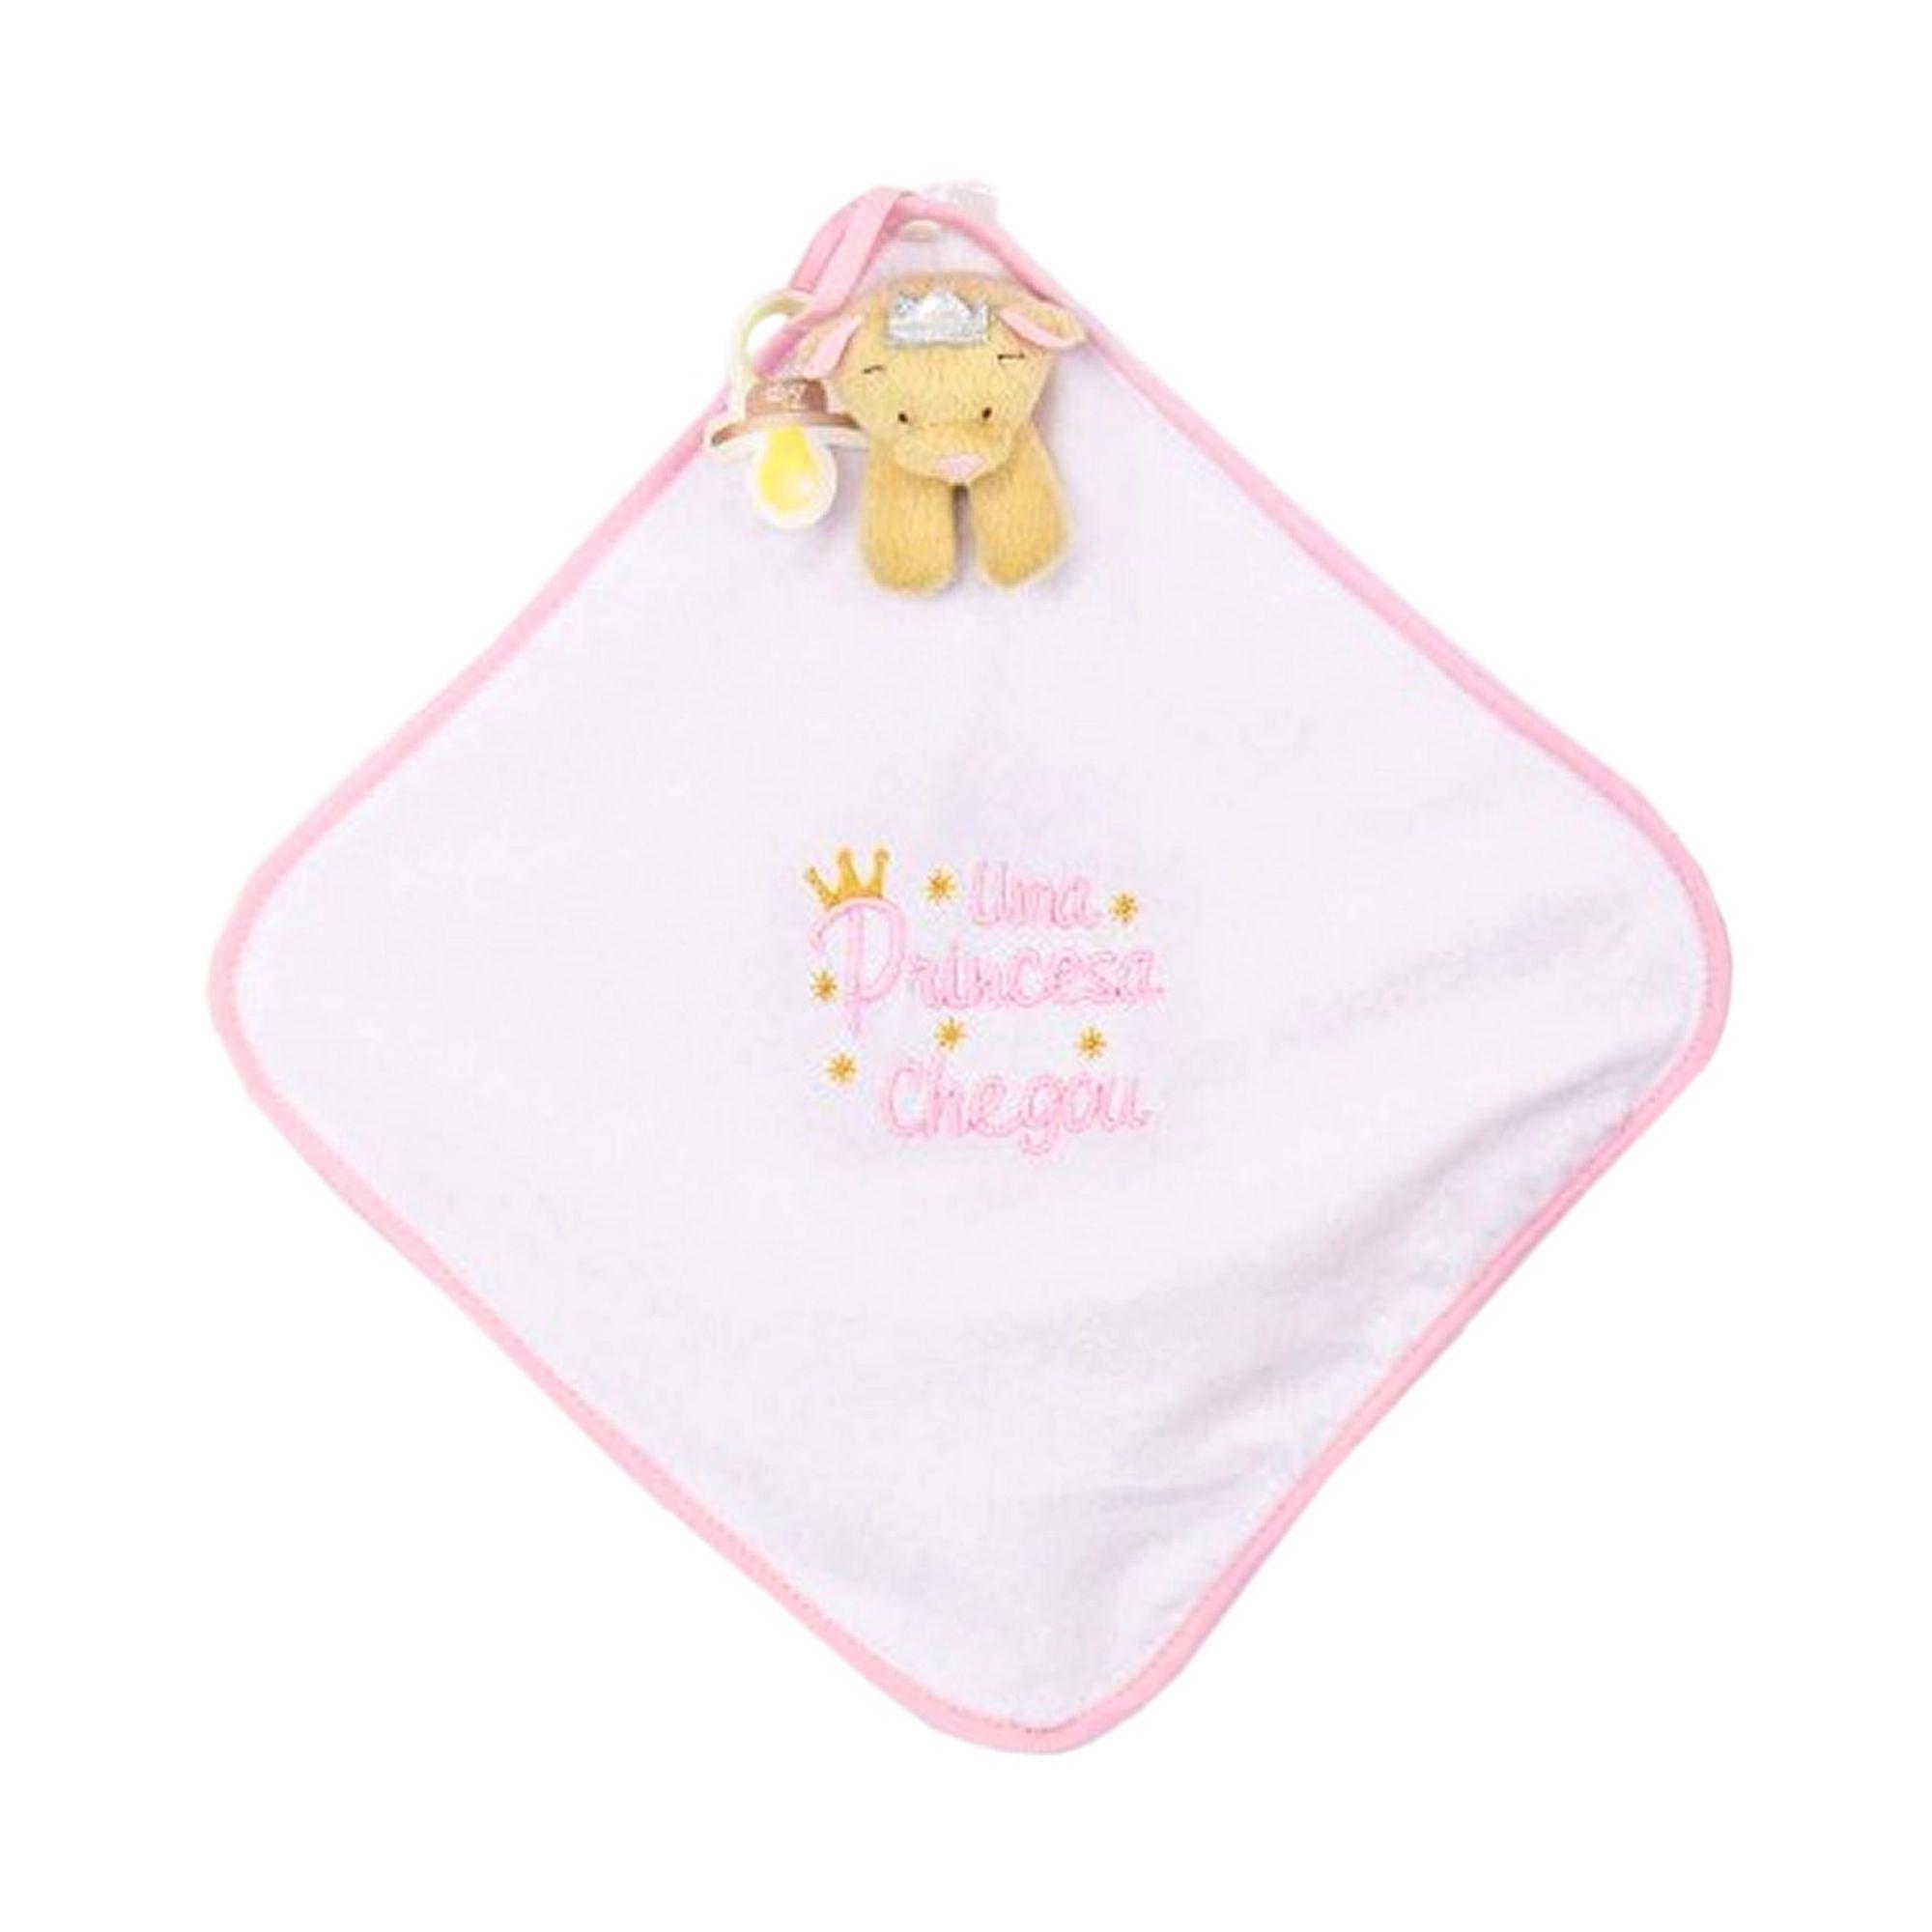 naninha-urso-cetim-baby-princesa-rosa-com-prendedor-de-chupeta